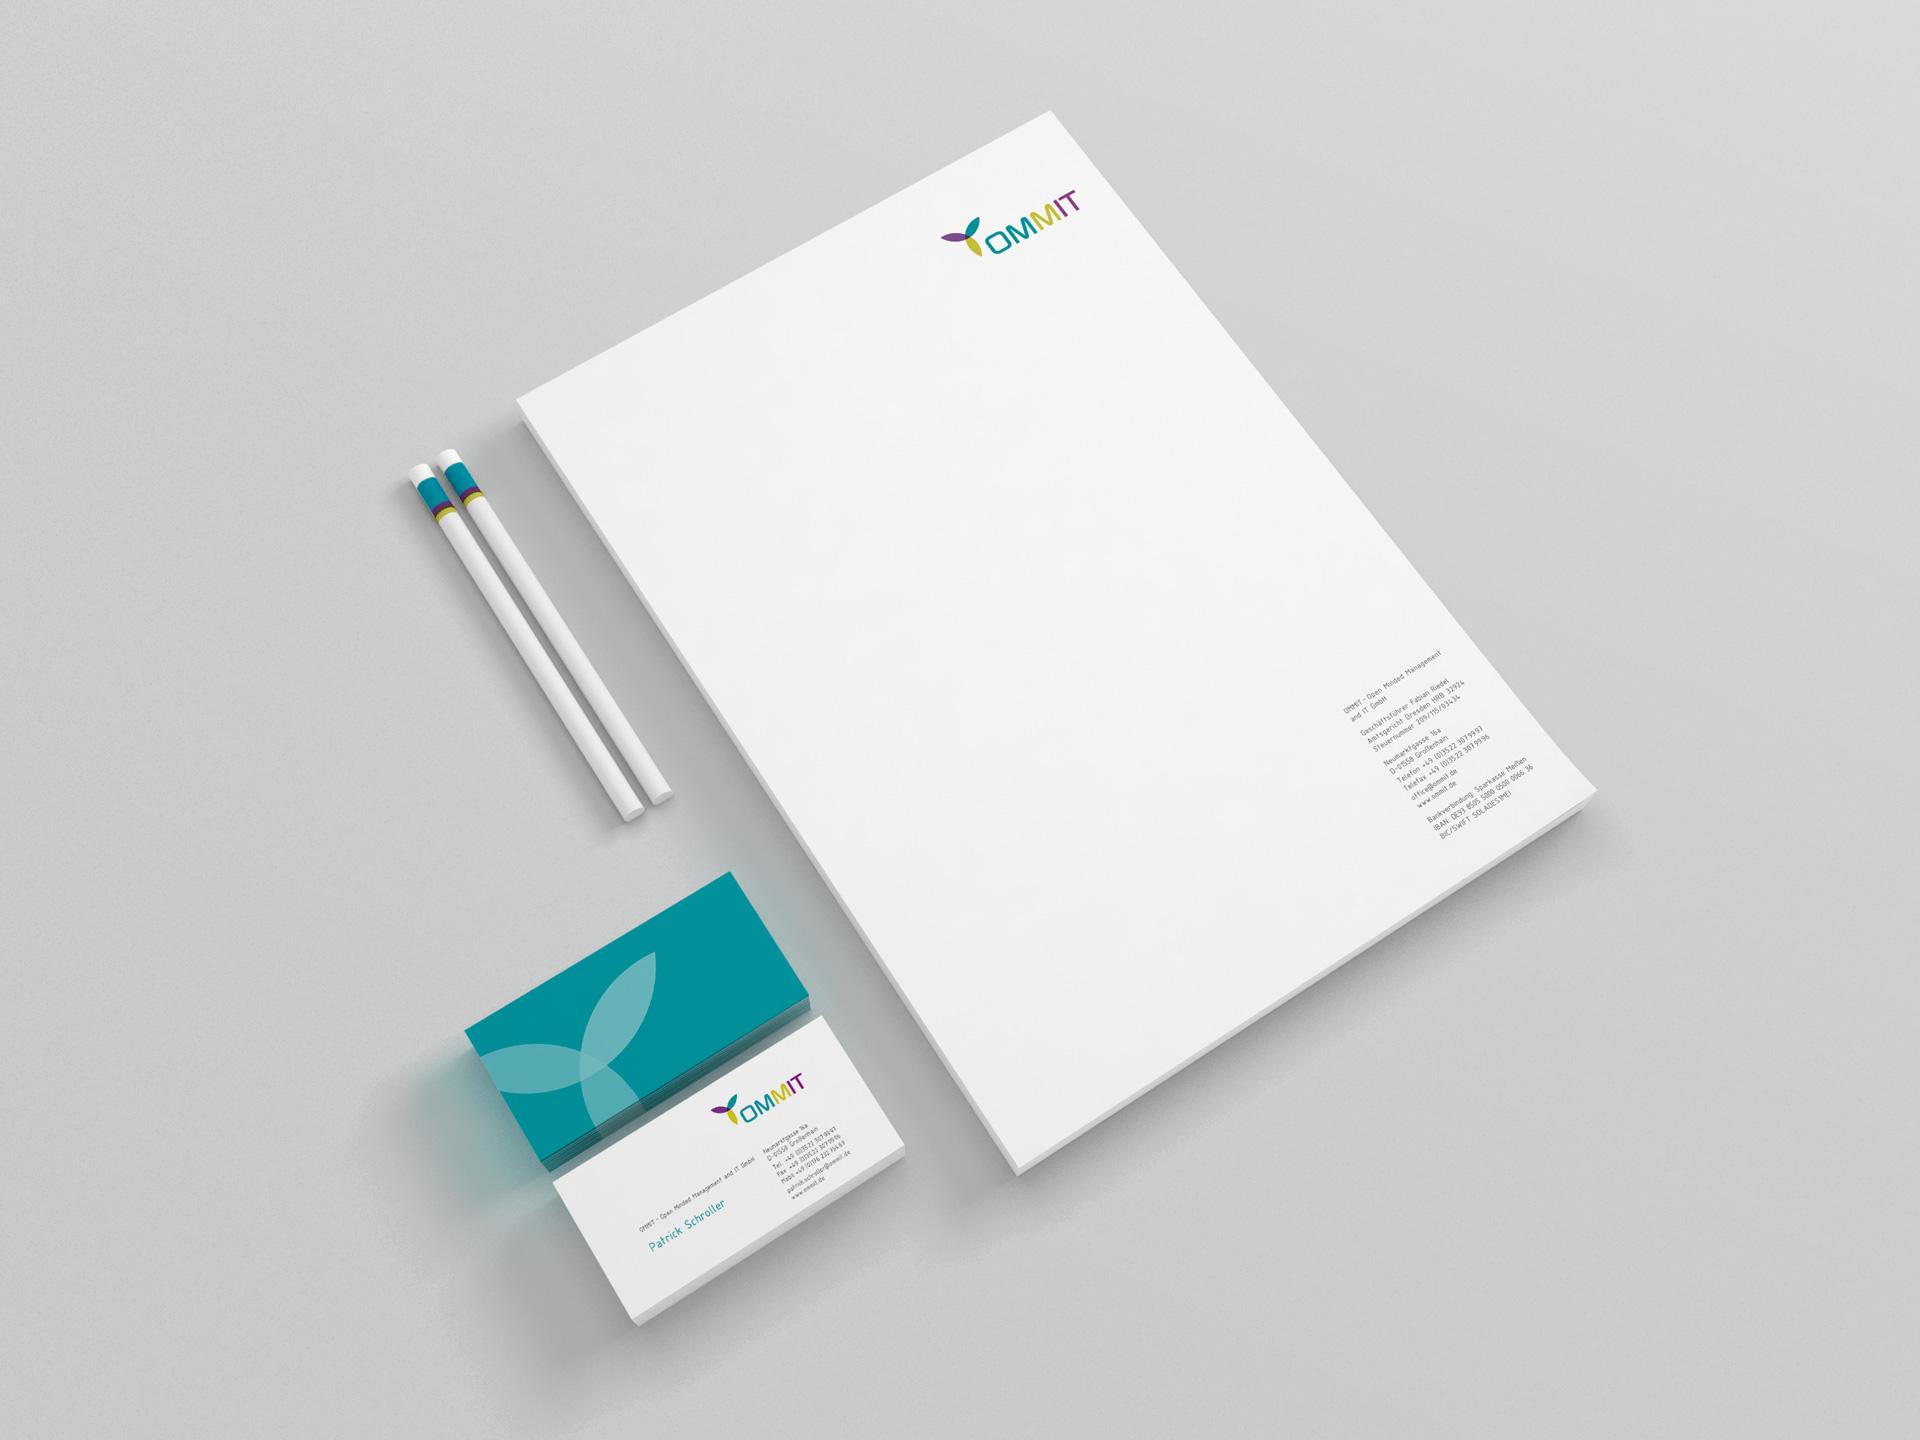 Design Printmedien für ommit gmbh von facit design